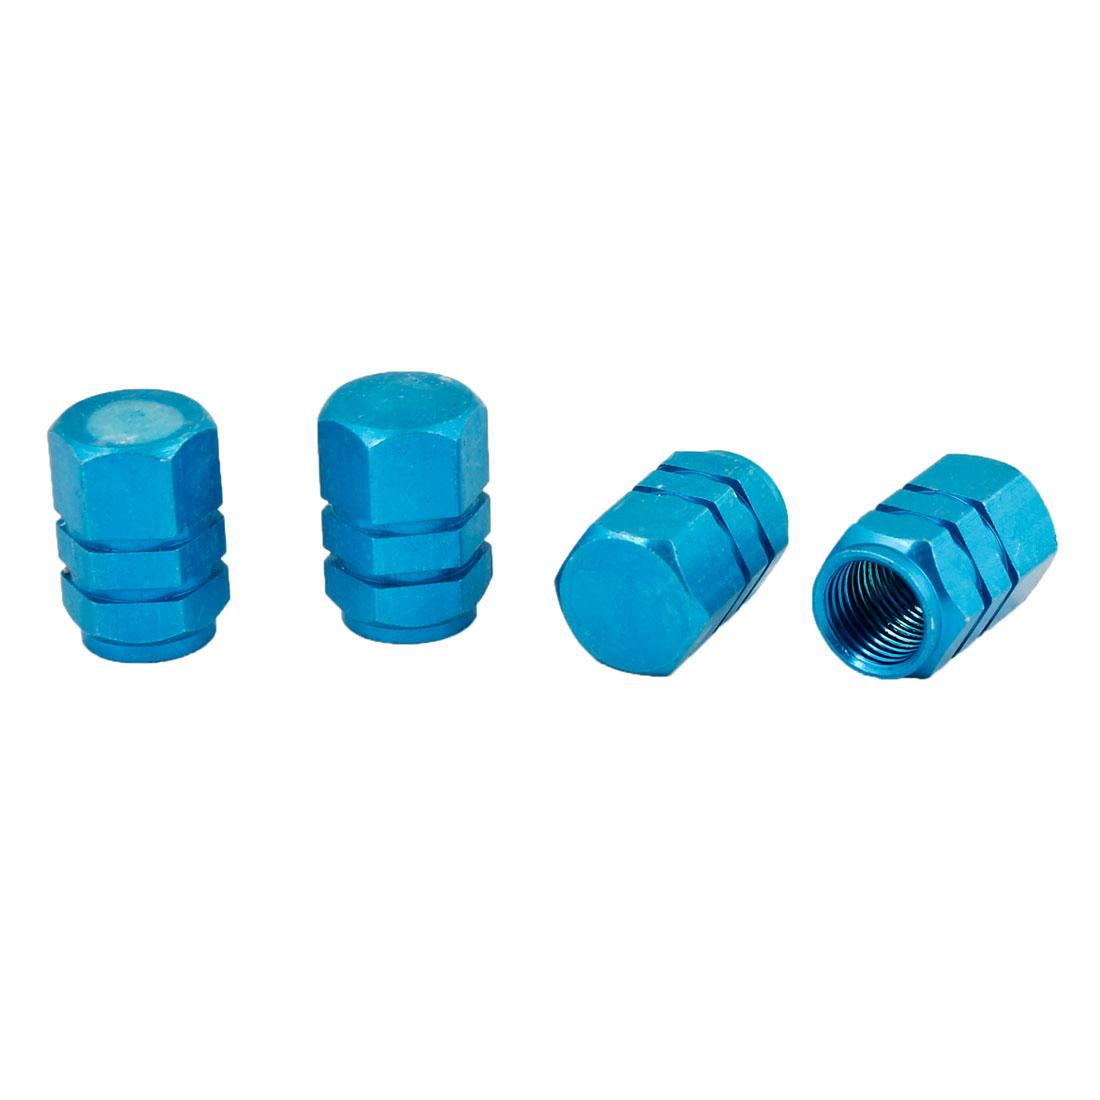 Vehicle Car Aluminum Alloy Tire Valve Stem Cap Cover Decor Teal Blue 4pcs